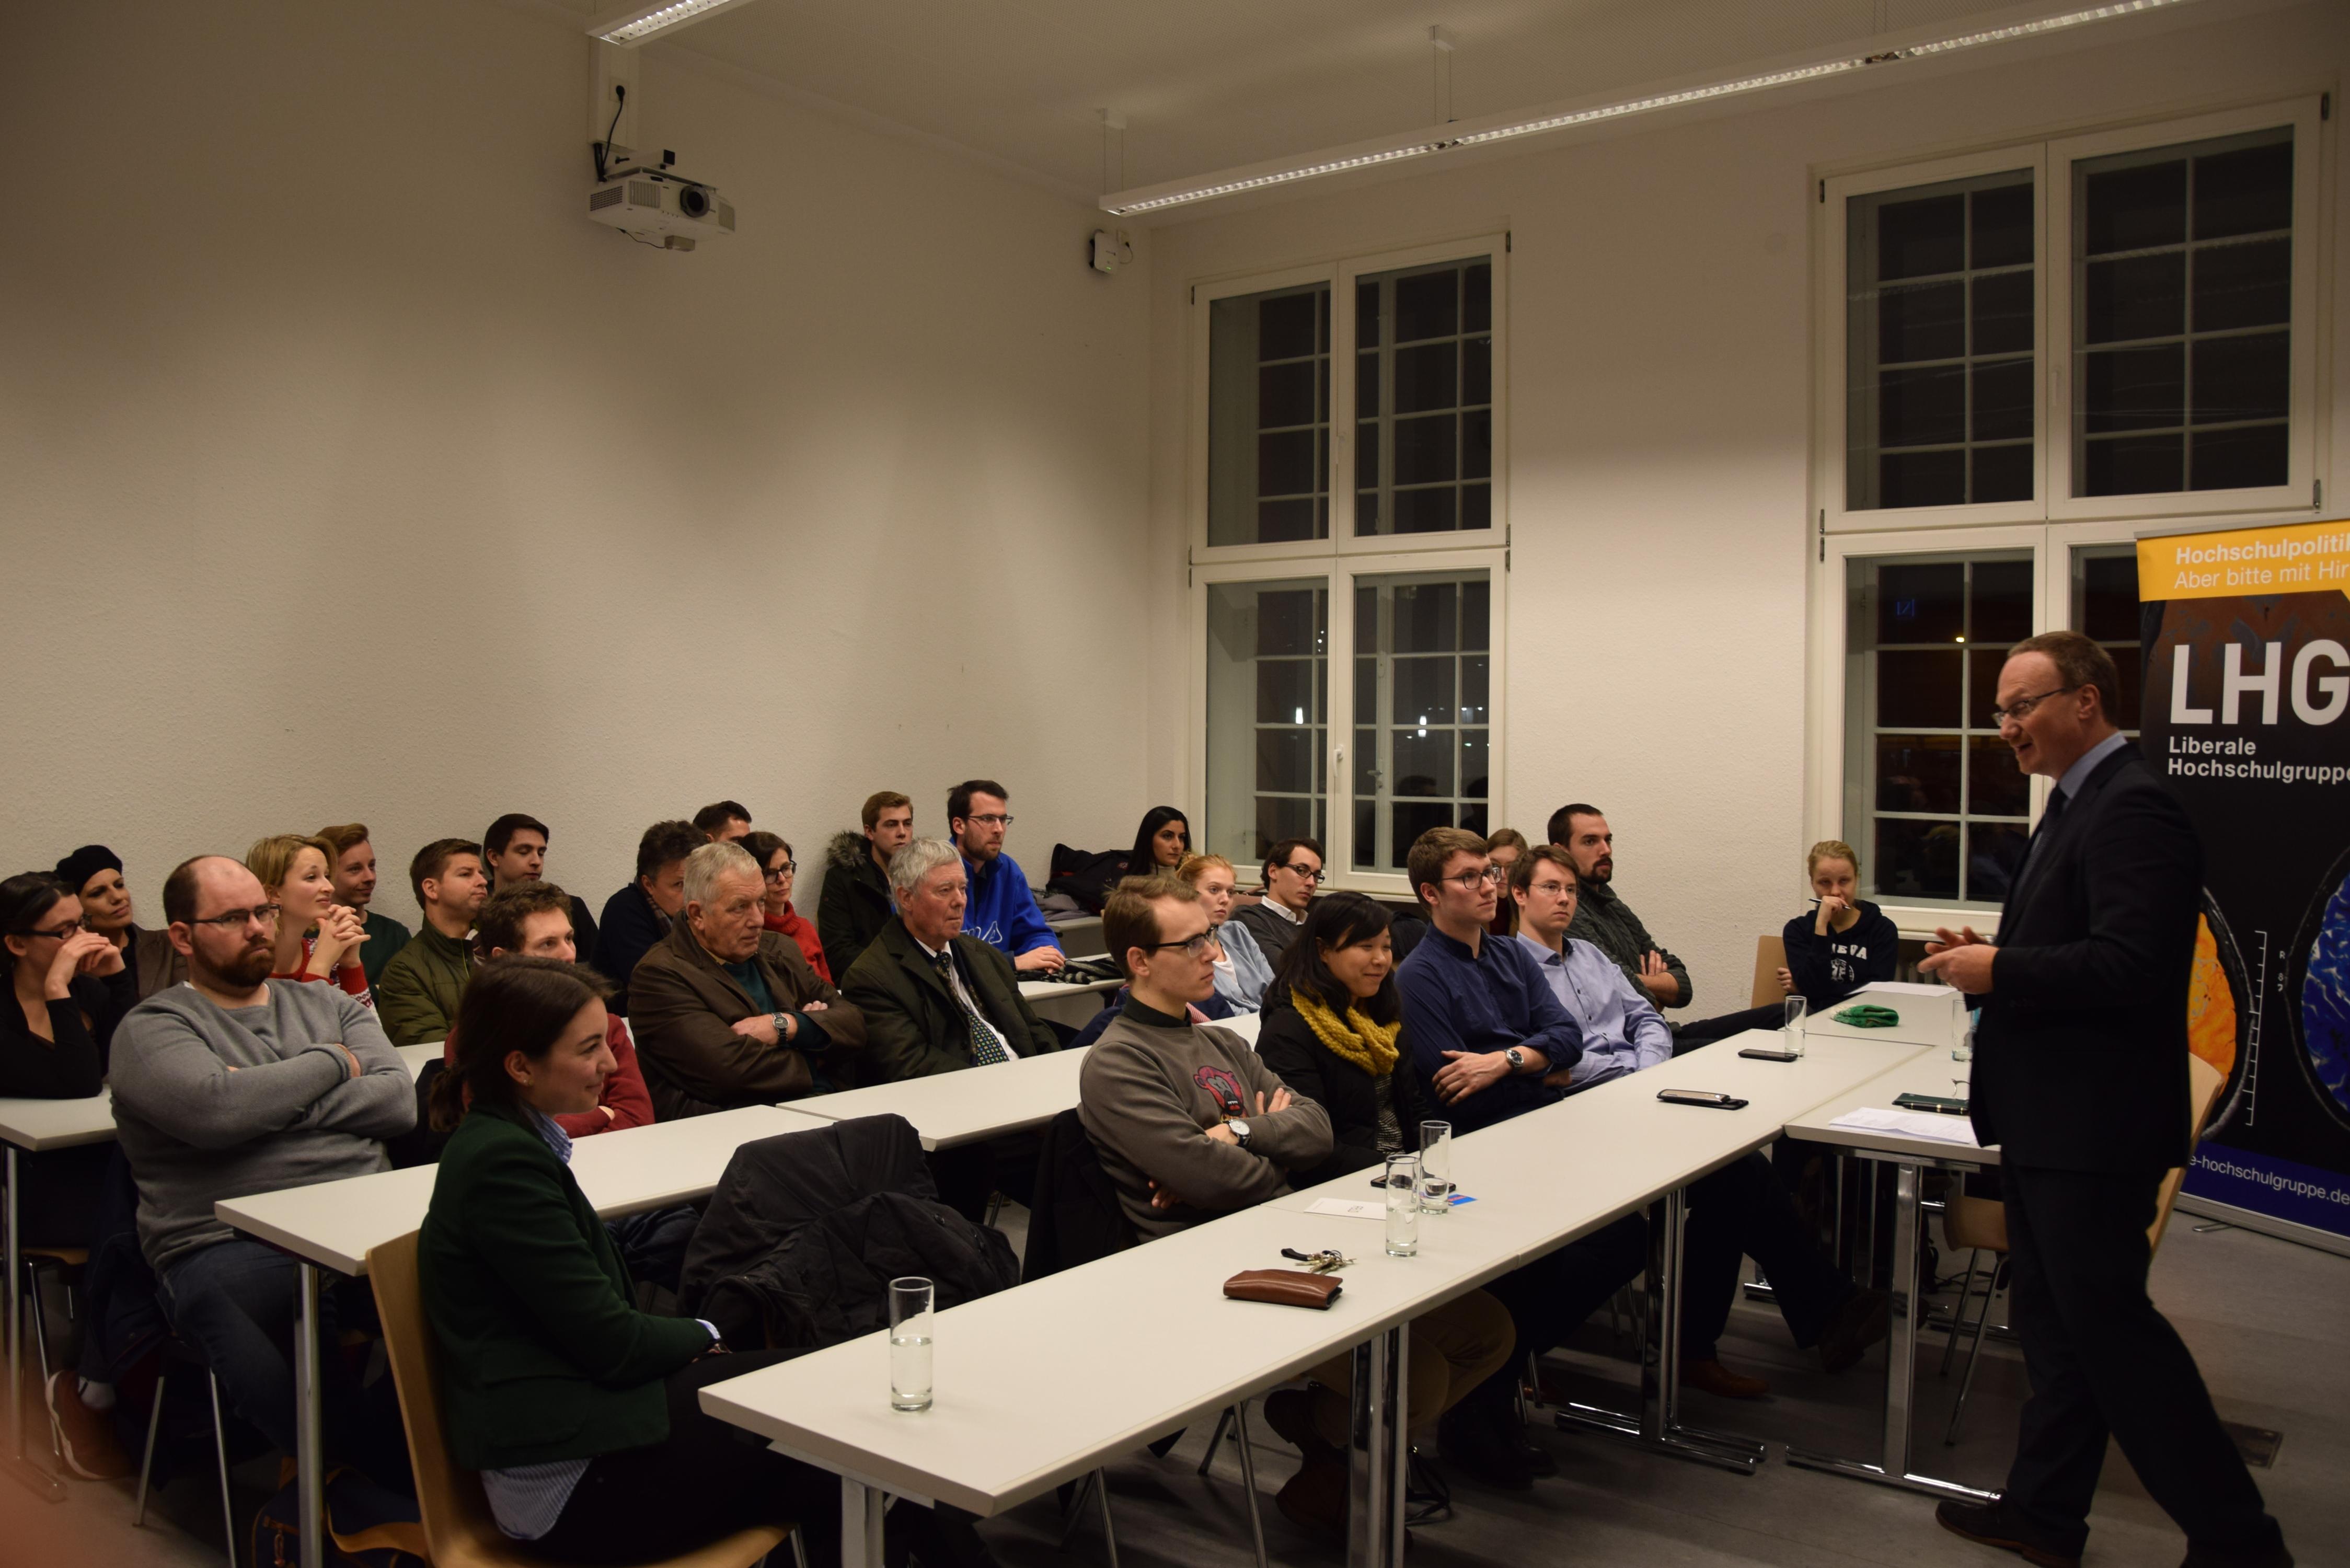 Prof. Dr. Lars Feld in der Diskussion mit den Teilnehmern über die wirtschaftliche Lage und den Reformbedarf in Deutschland